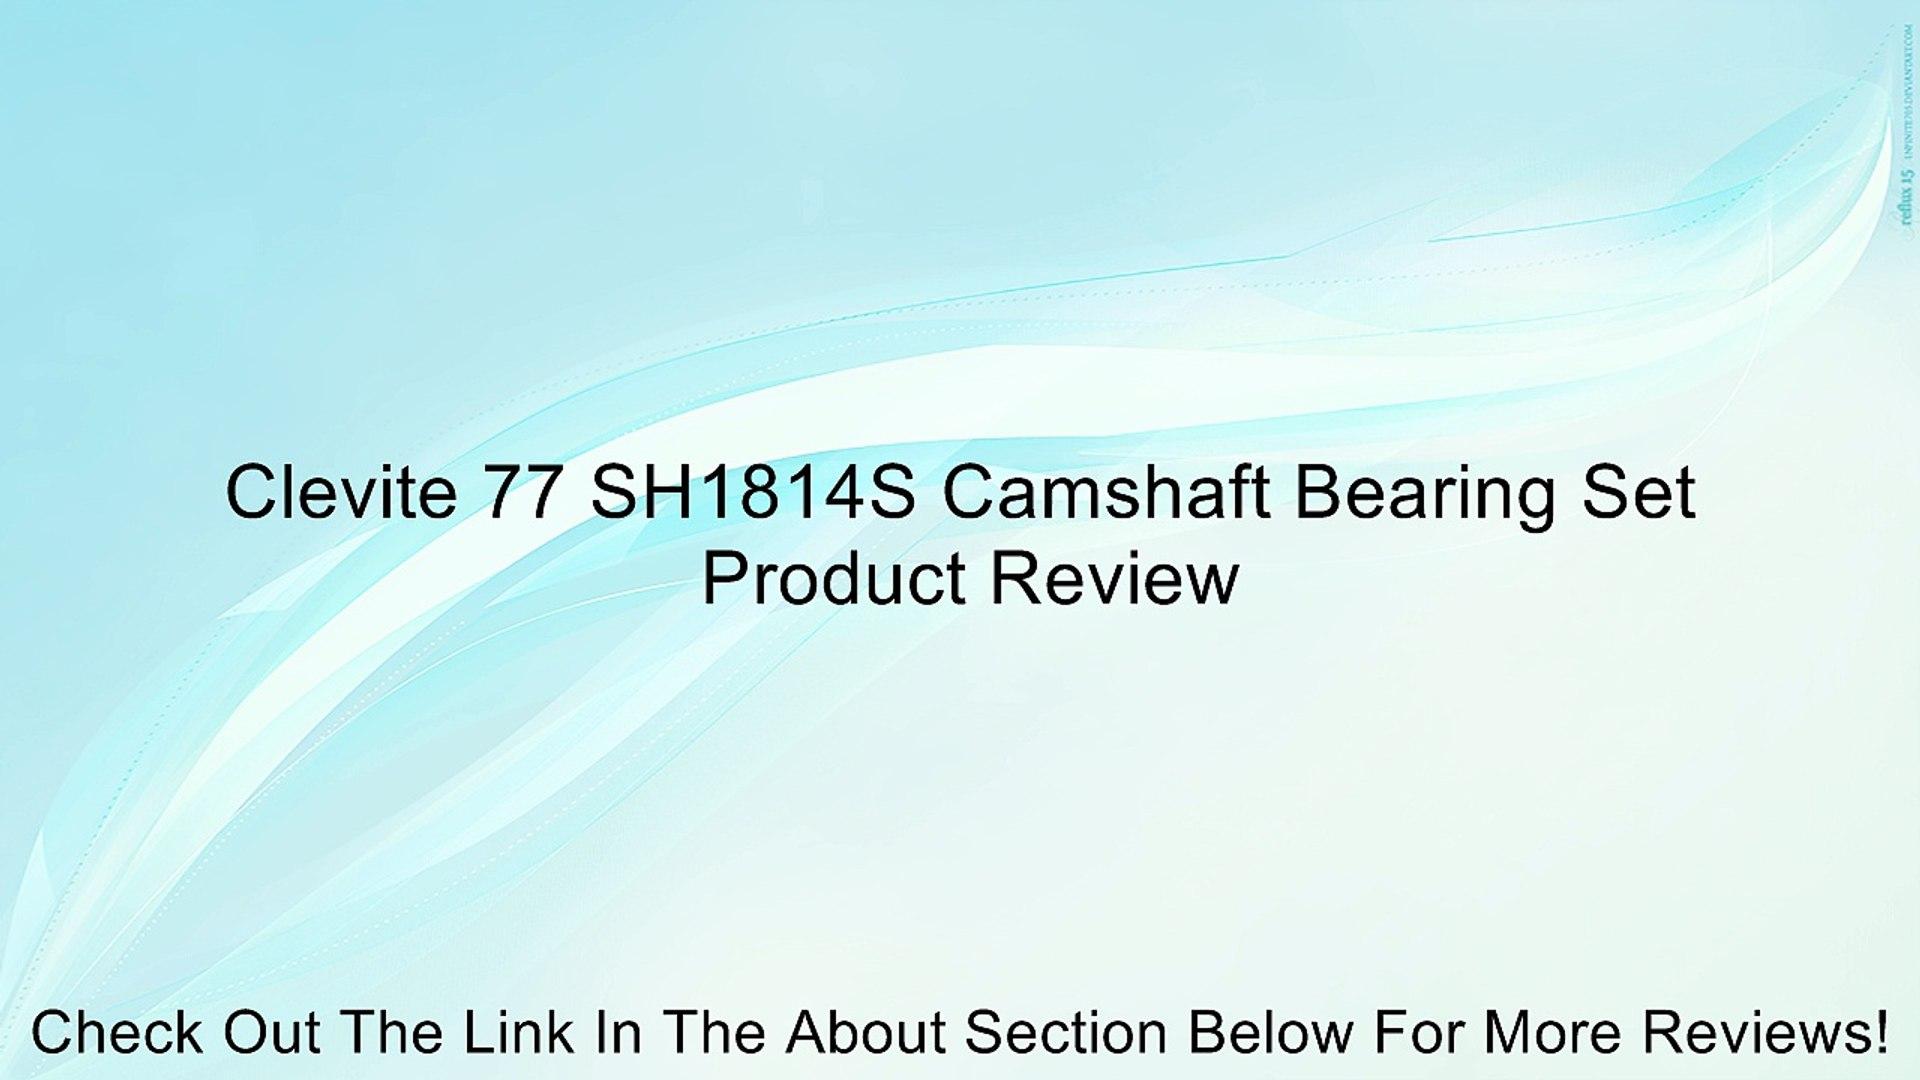 Clevite SH1814S Camshaft Bearing Set:Chevrolet V8 1997-03 293-325-346-364